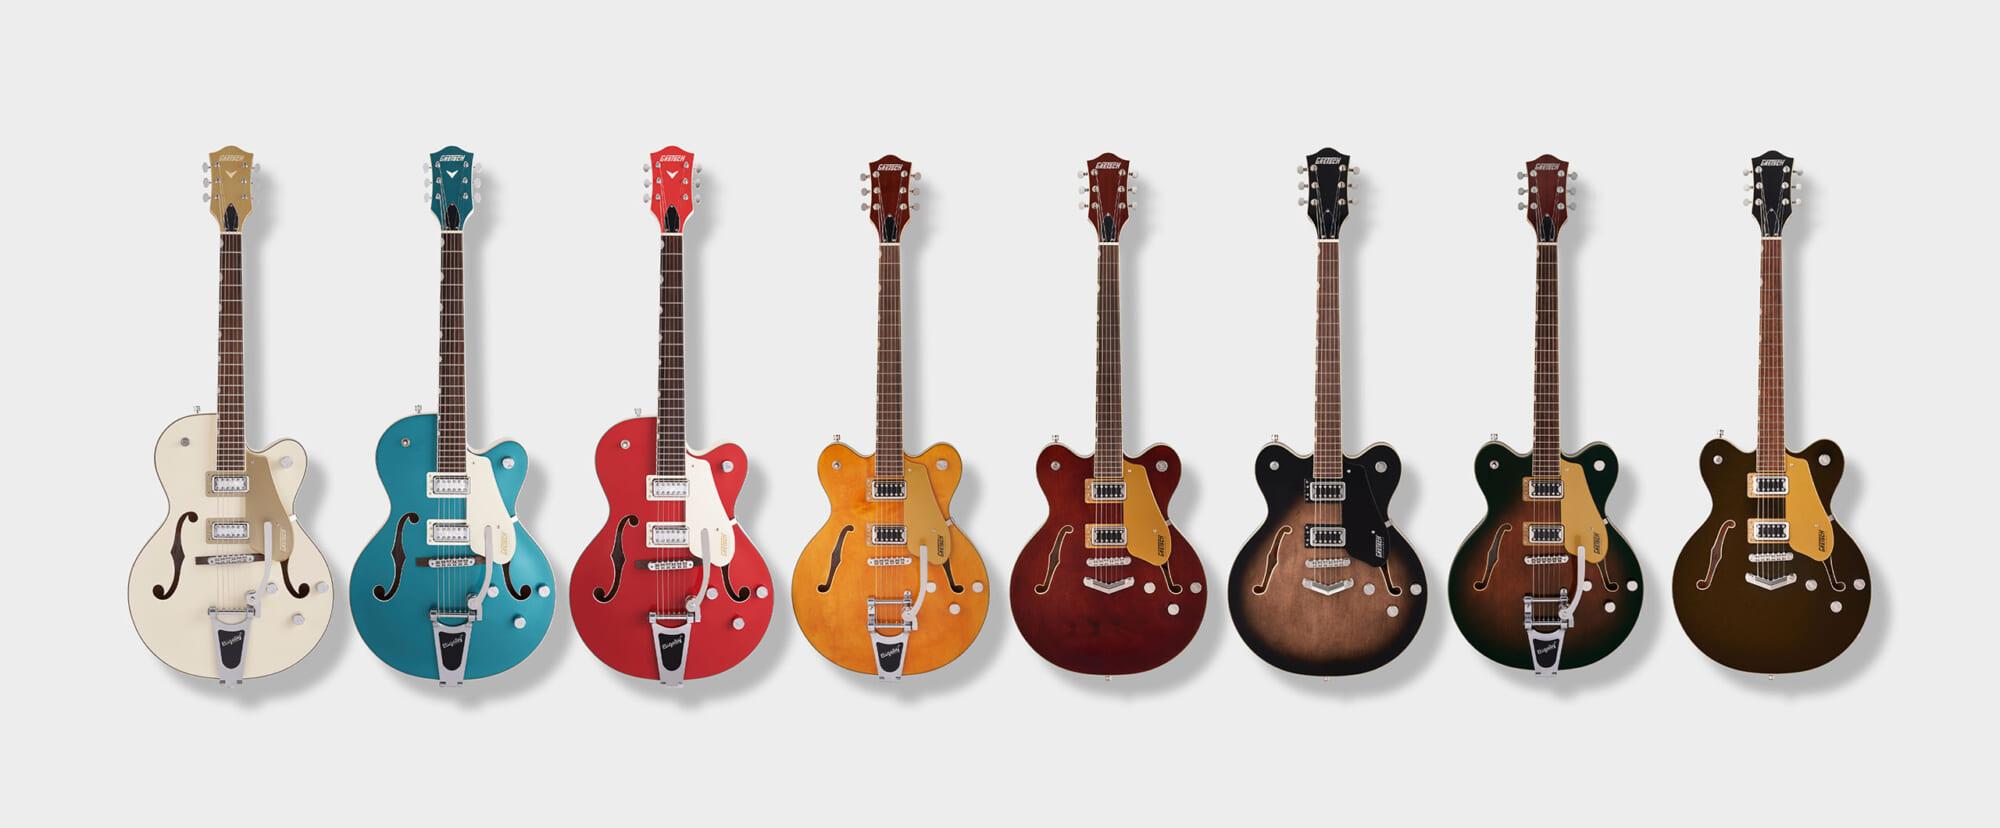 グレッチのホロウ・ボディ・ギターElectromatic Collectionの新製品8機種を紹介